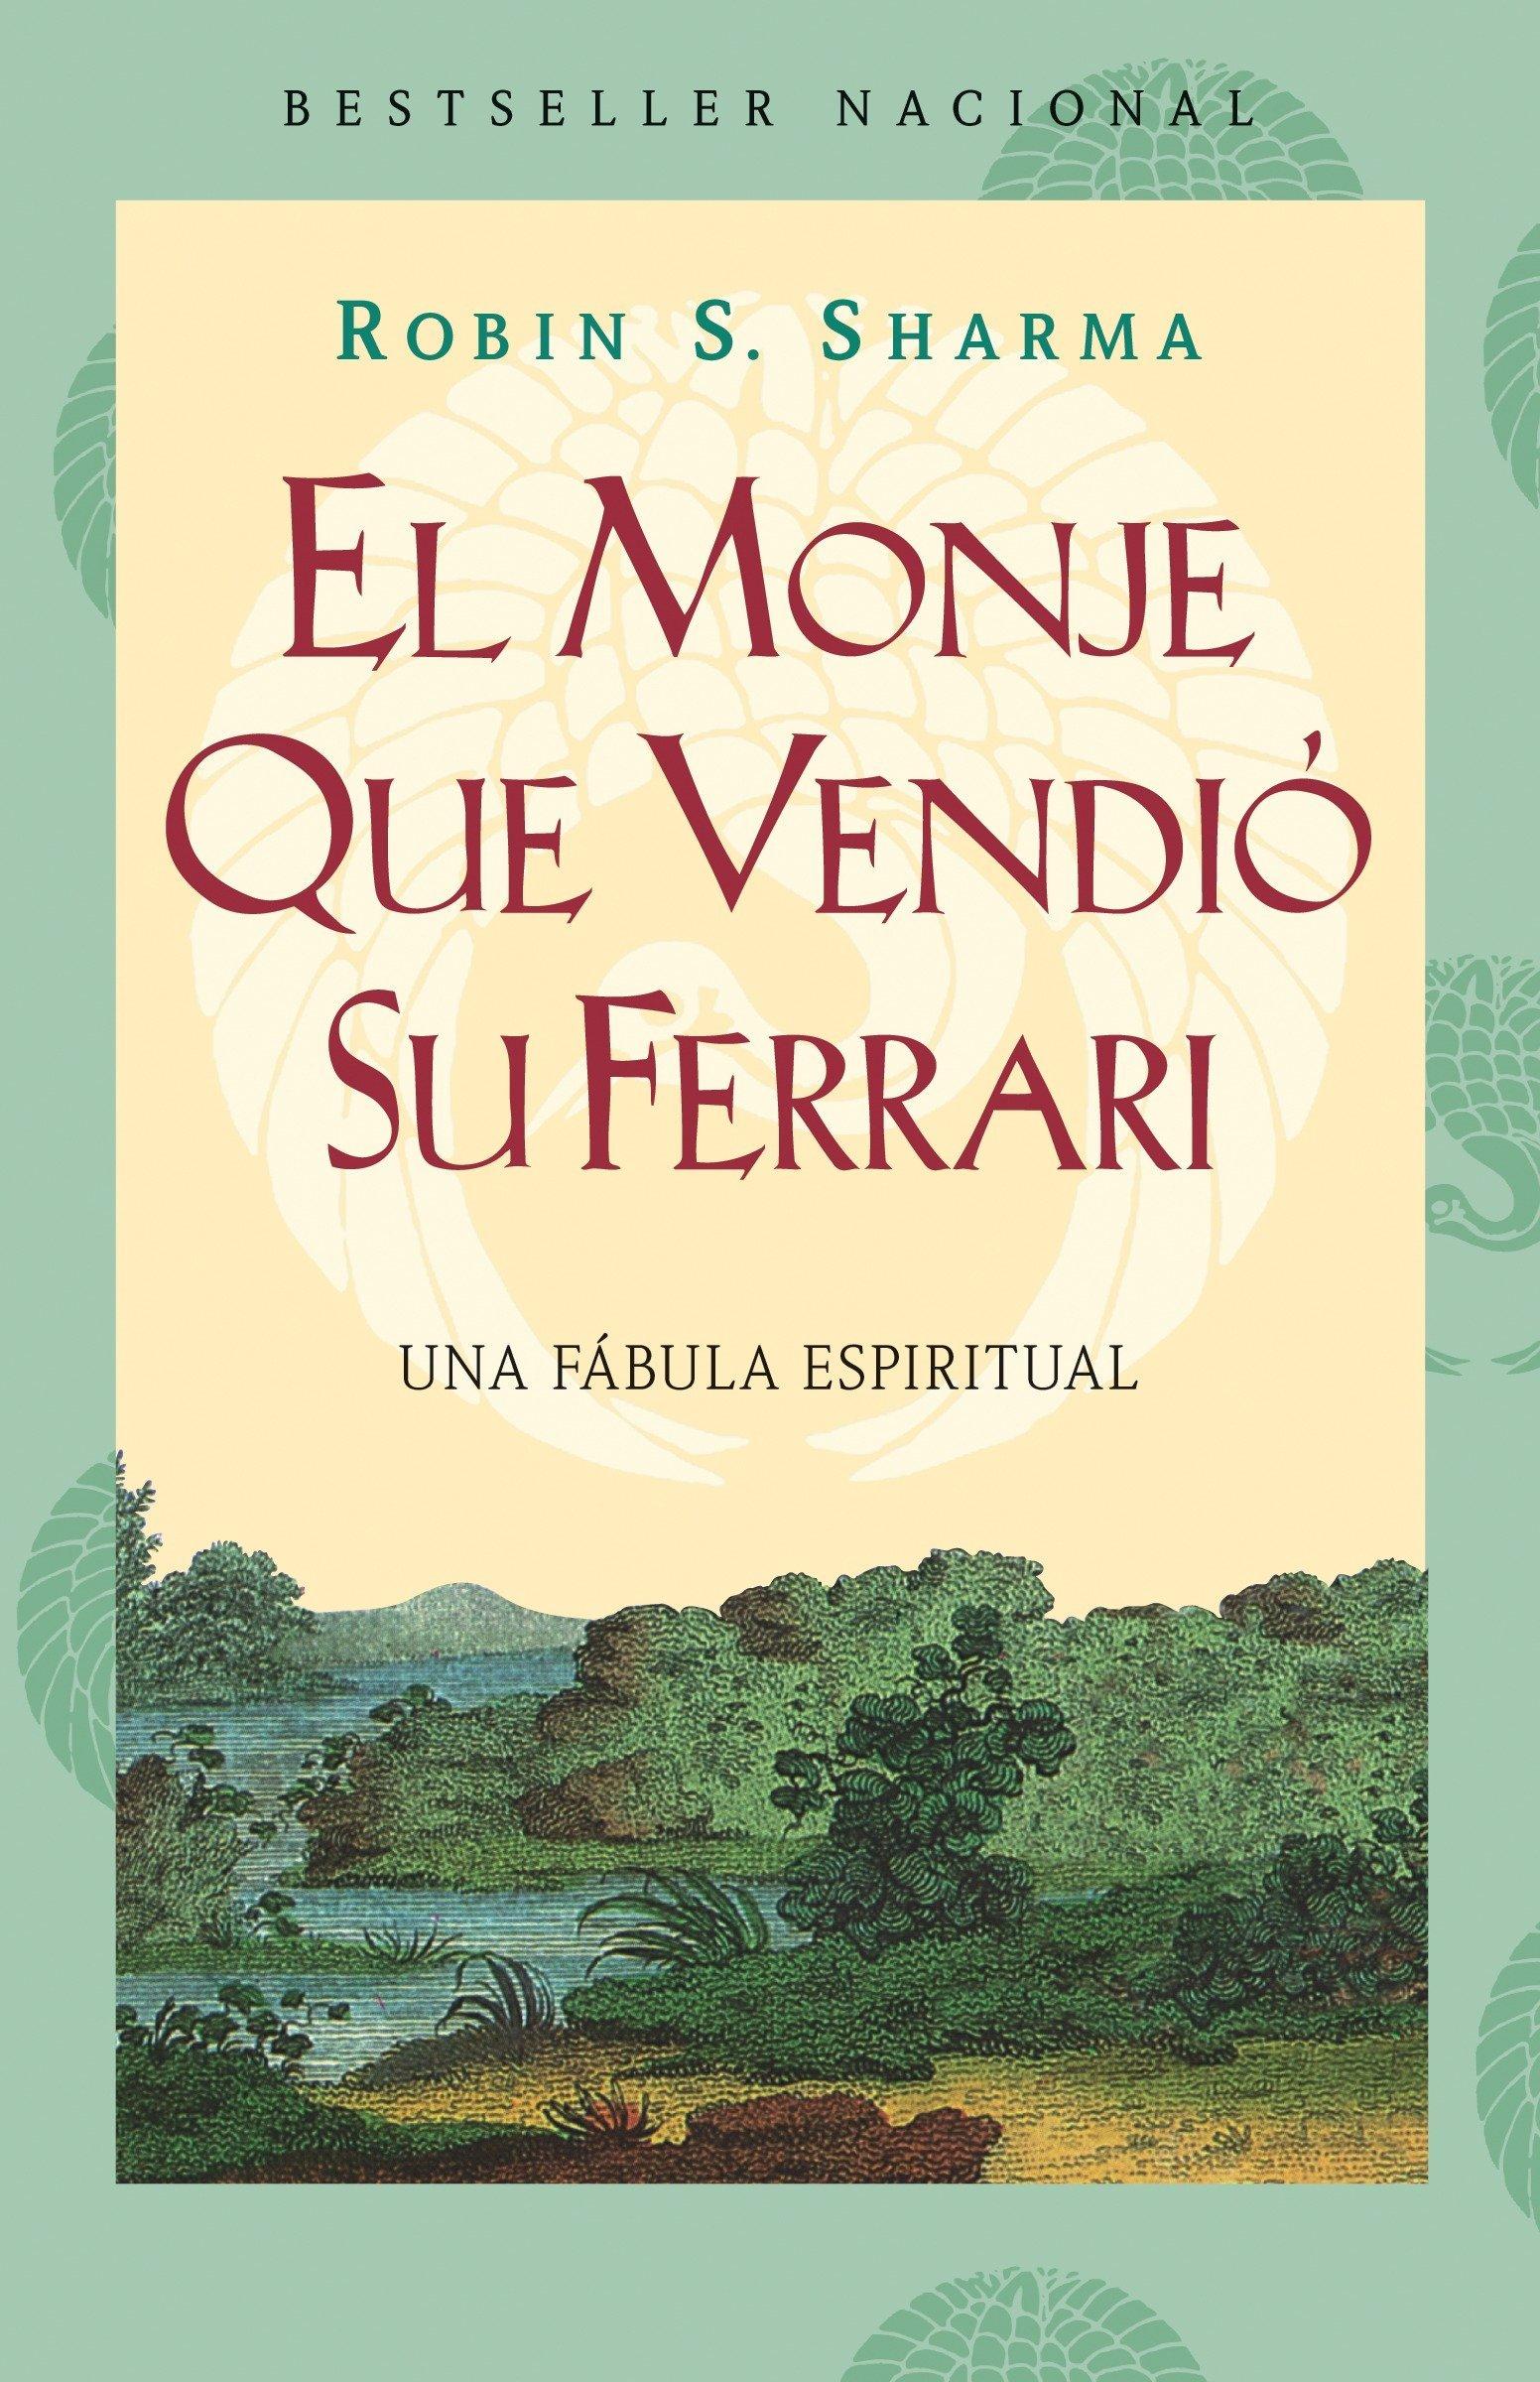 El monje que vendio su Ferrari/ The Monk Who Sold His Ferrari: Amazon.es:  Robin S. Sharma: Libros